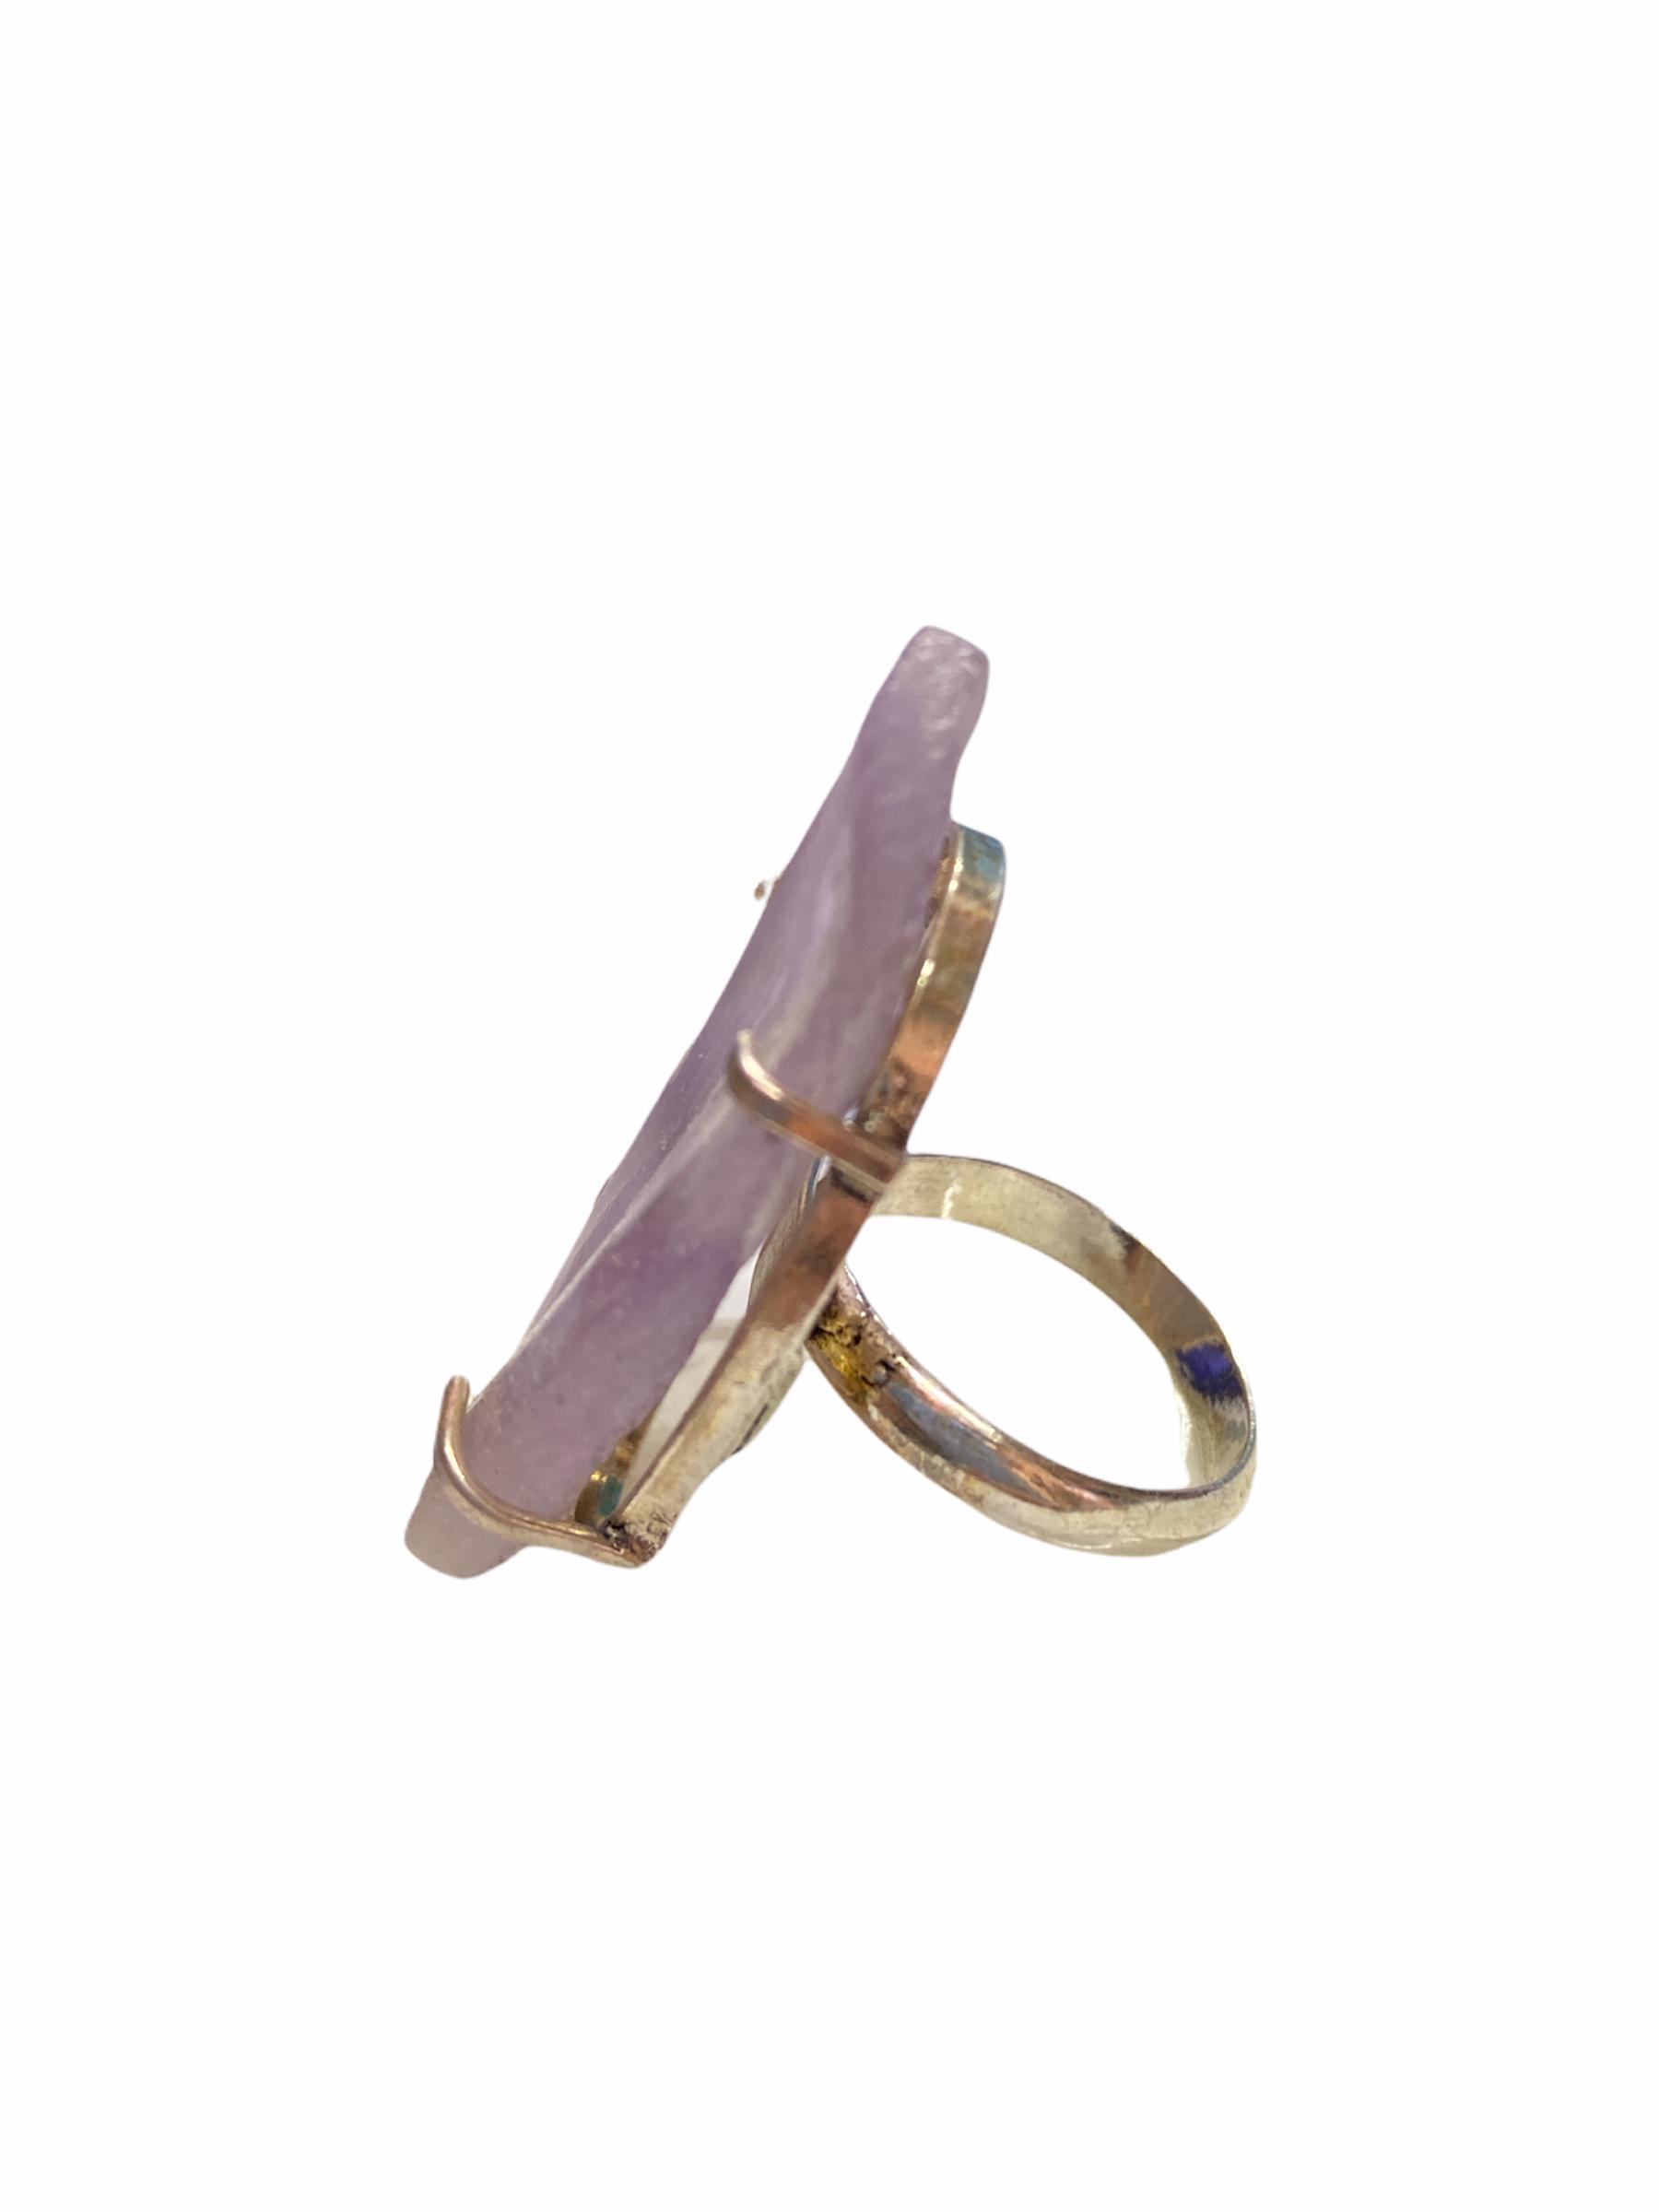 Δαχτυλίδι Χειροποίητο Ακατέργαστο Με Χαλαζία Ασημί